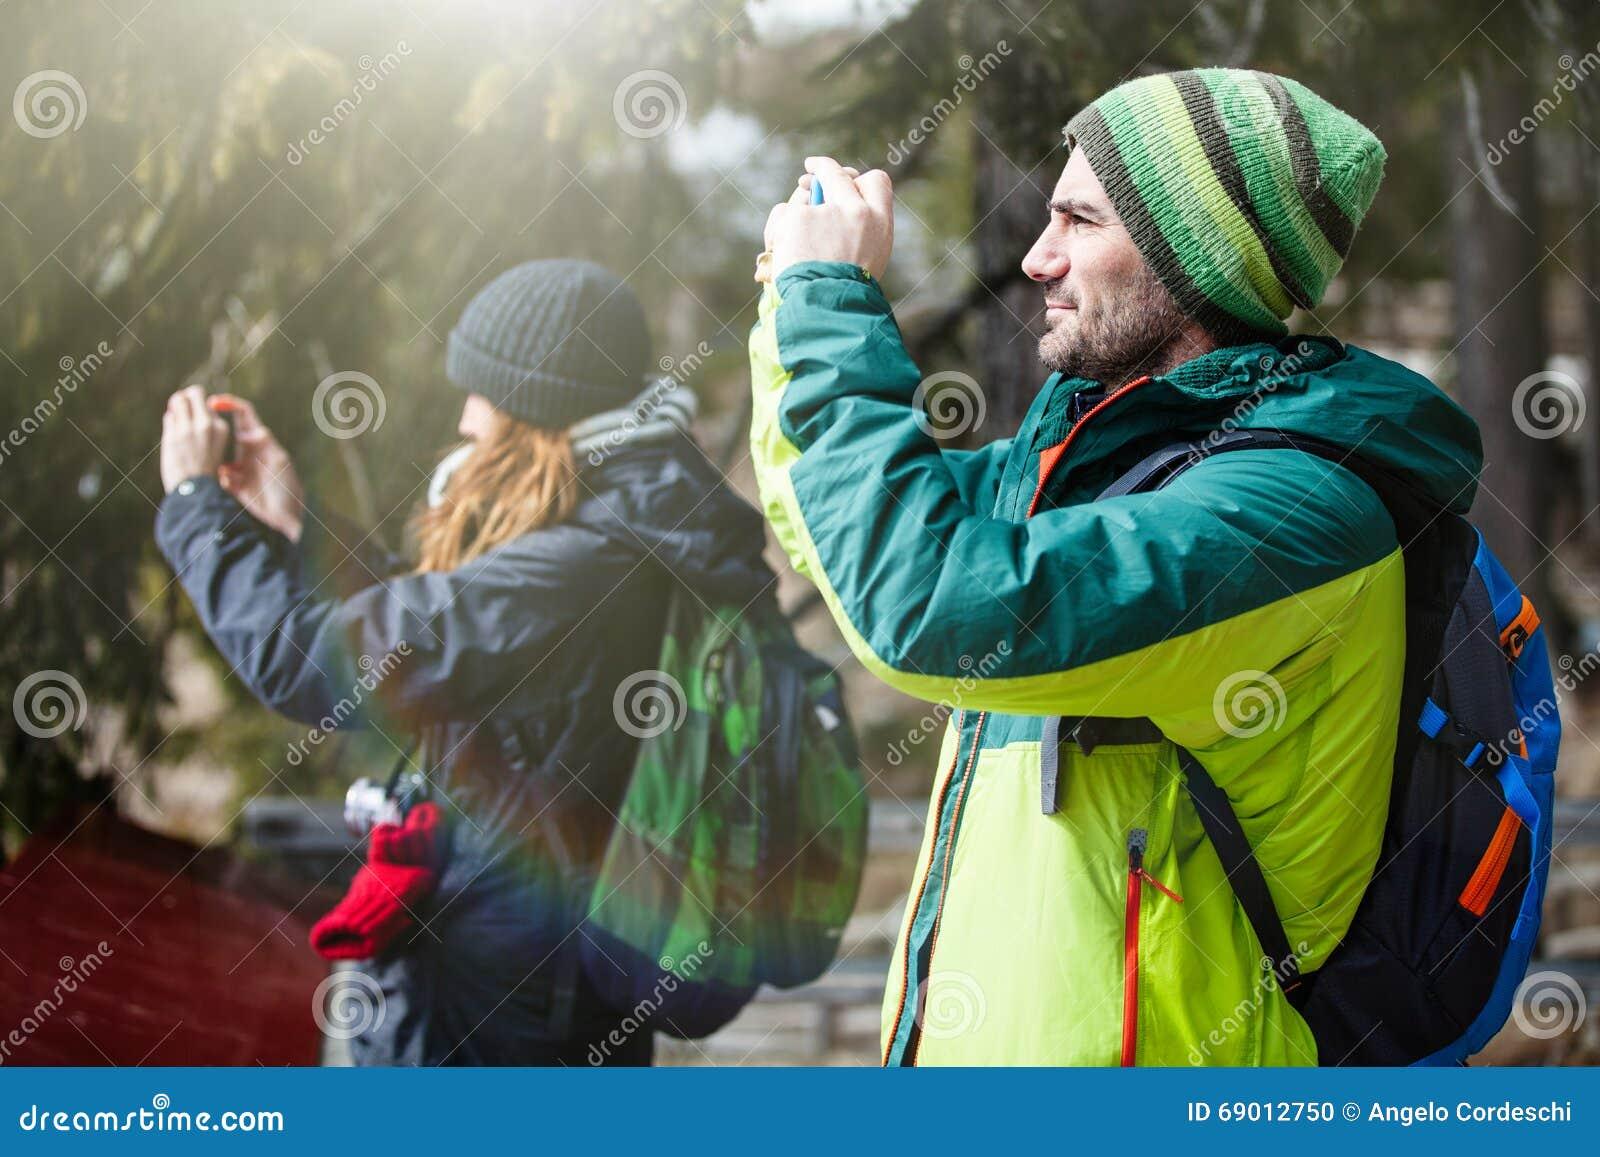 Hausse et photographie Deux personnes prenant une photo